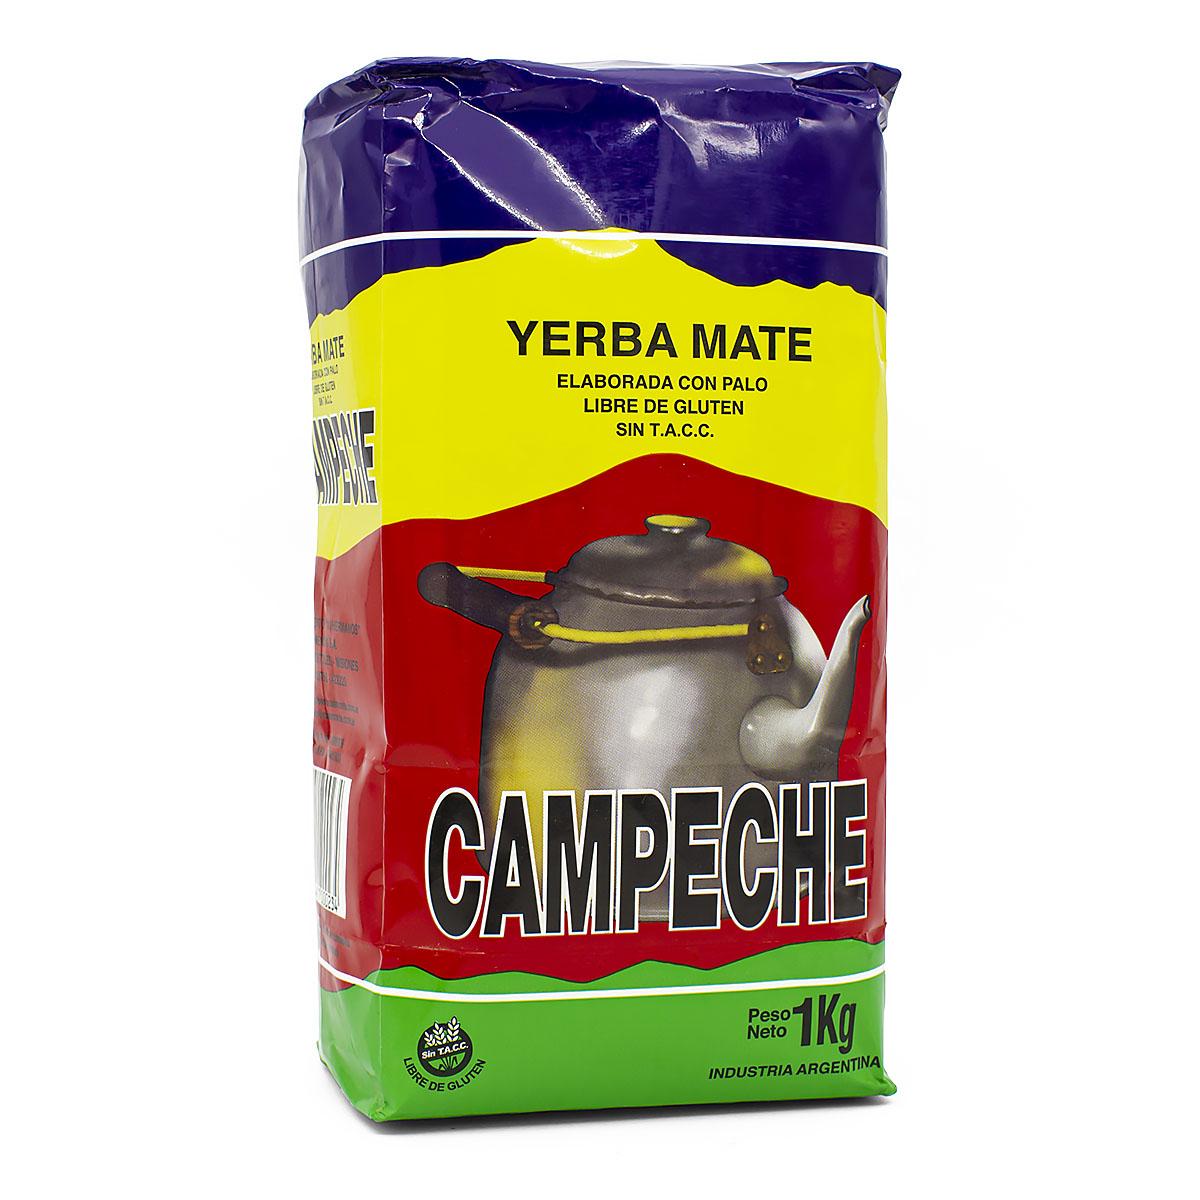 Мате Campeche, 1000 г мате rosamonte despalada 1000 г